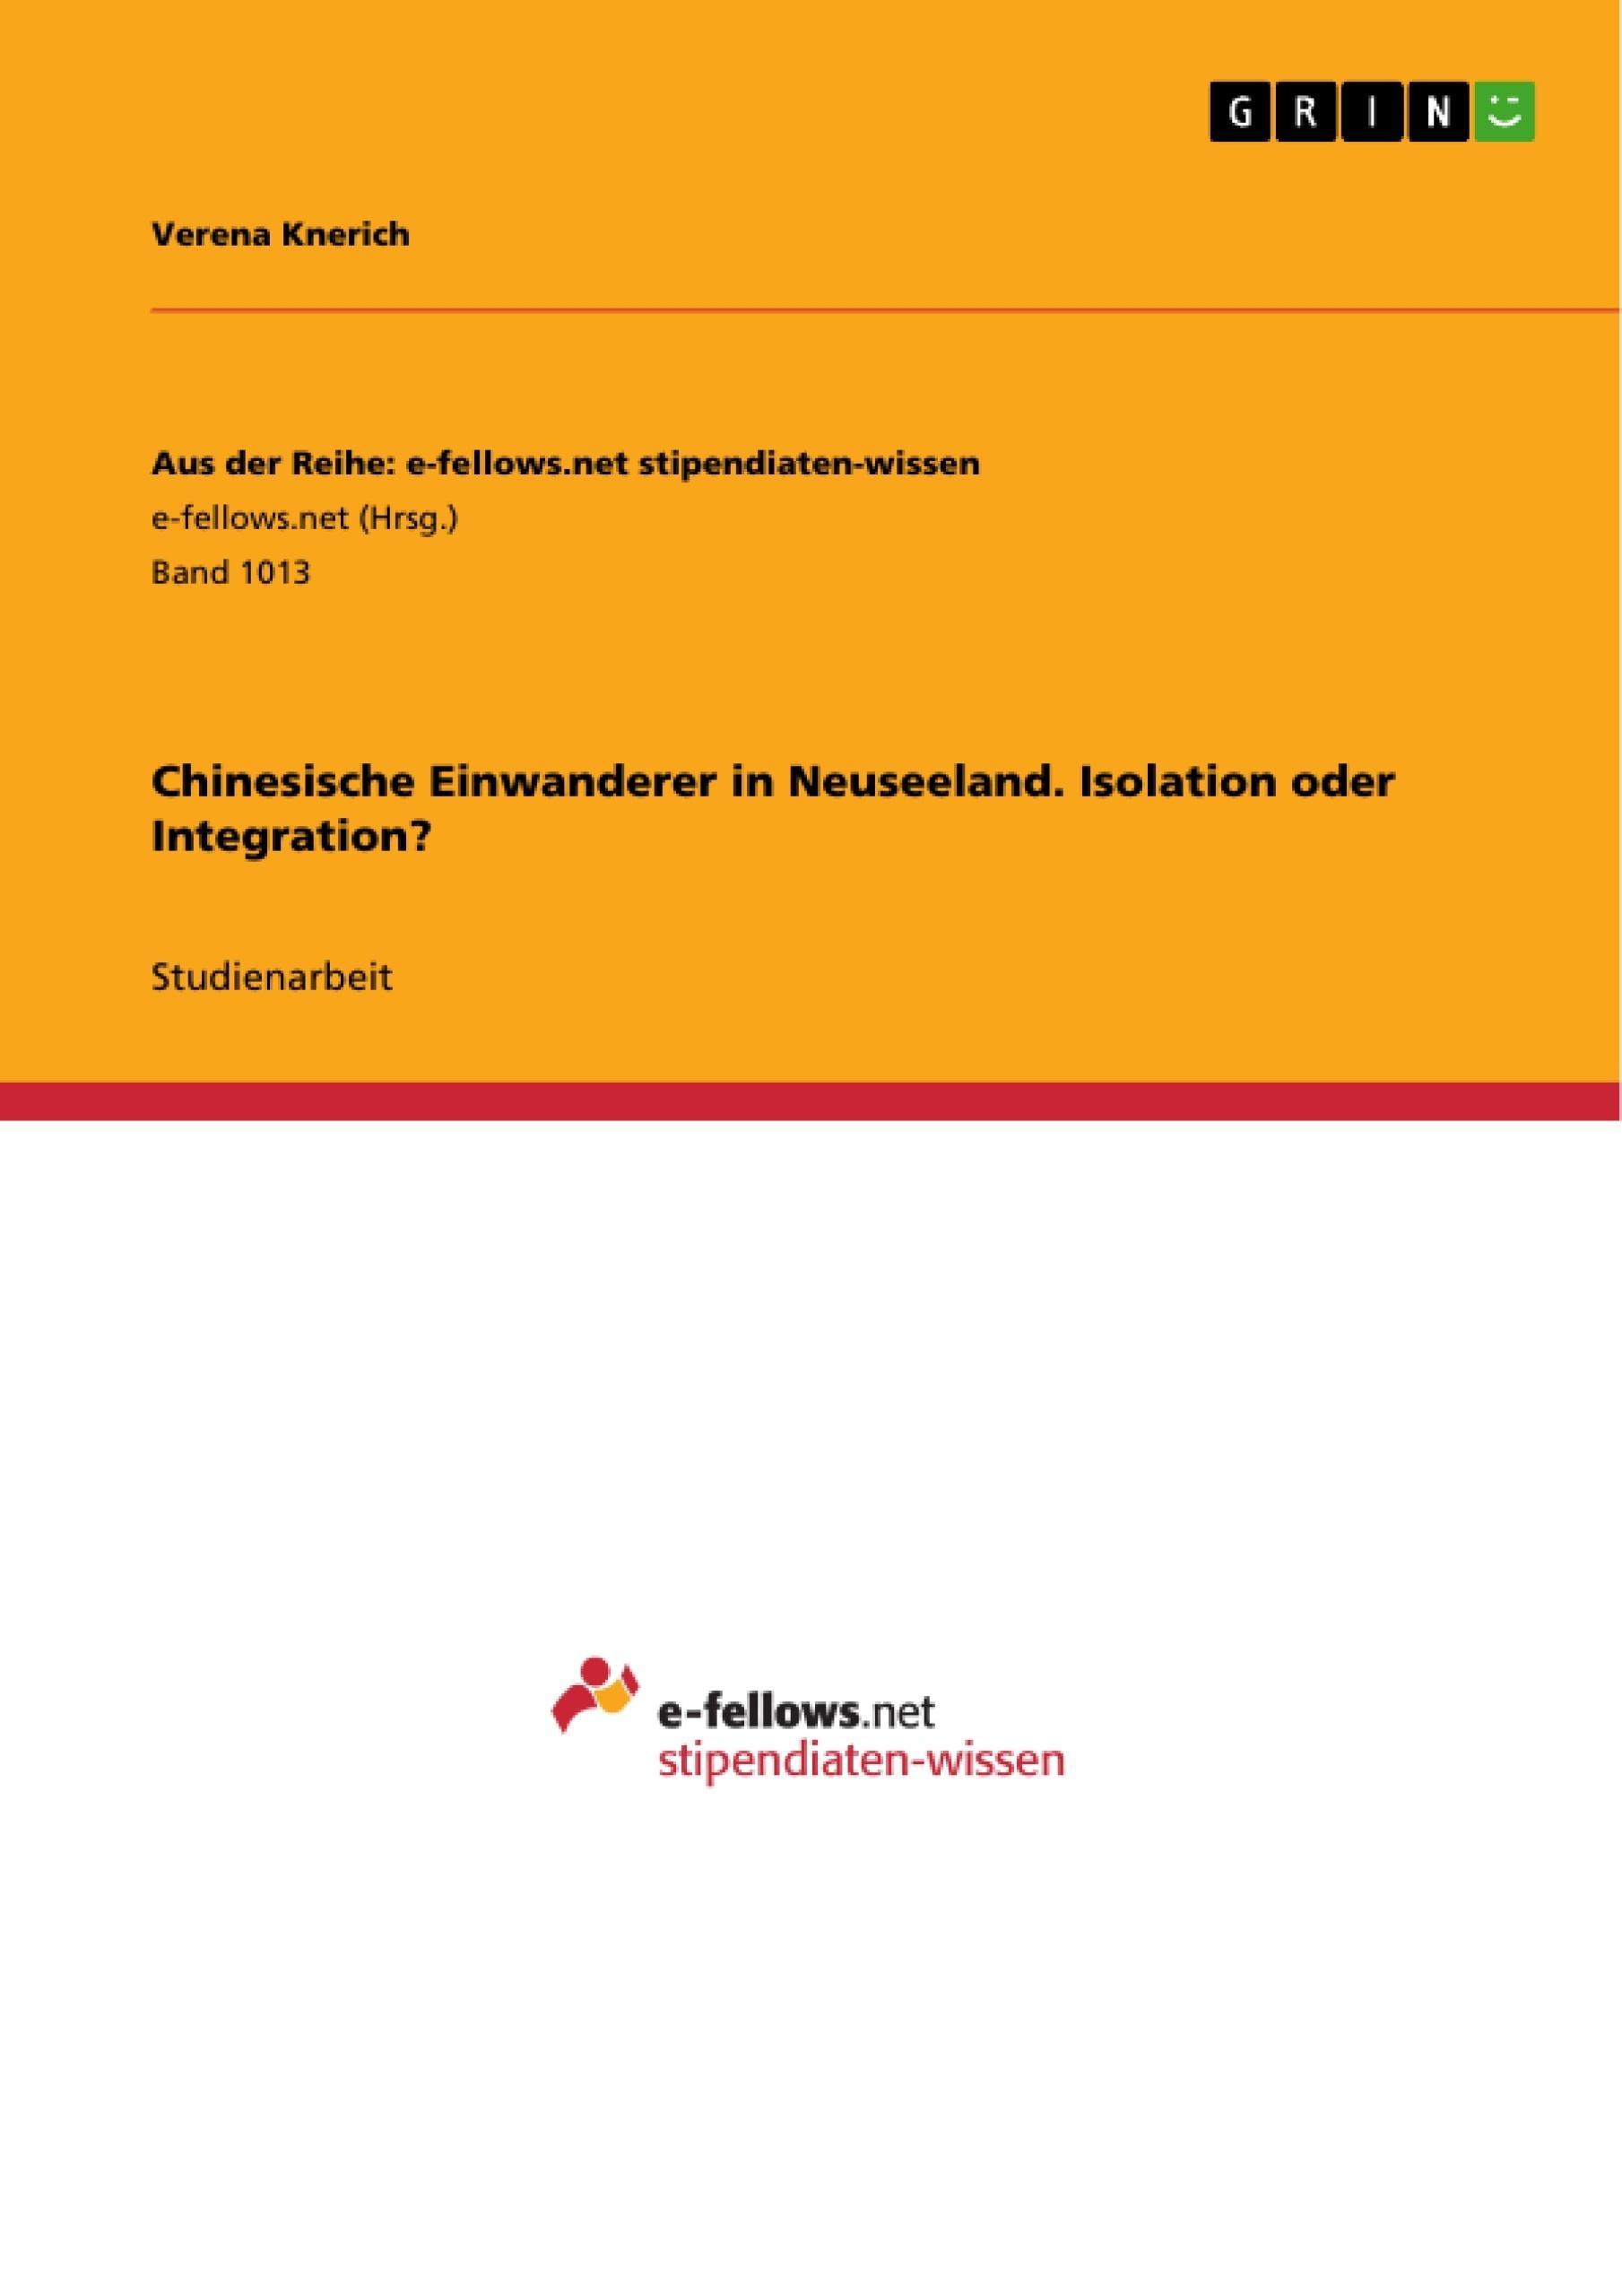 Titel: Chinesische Einwanderer in Neuseeland. Isolation oder Integration?